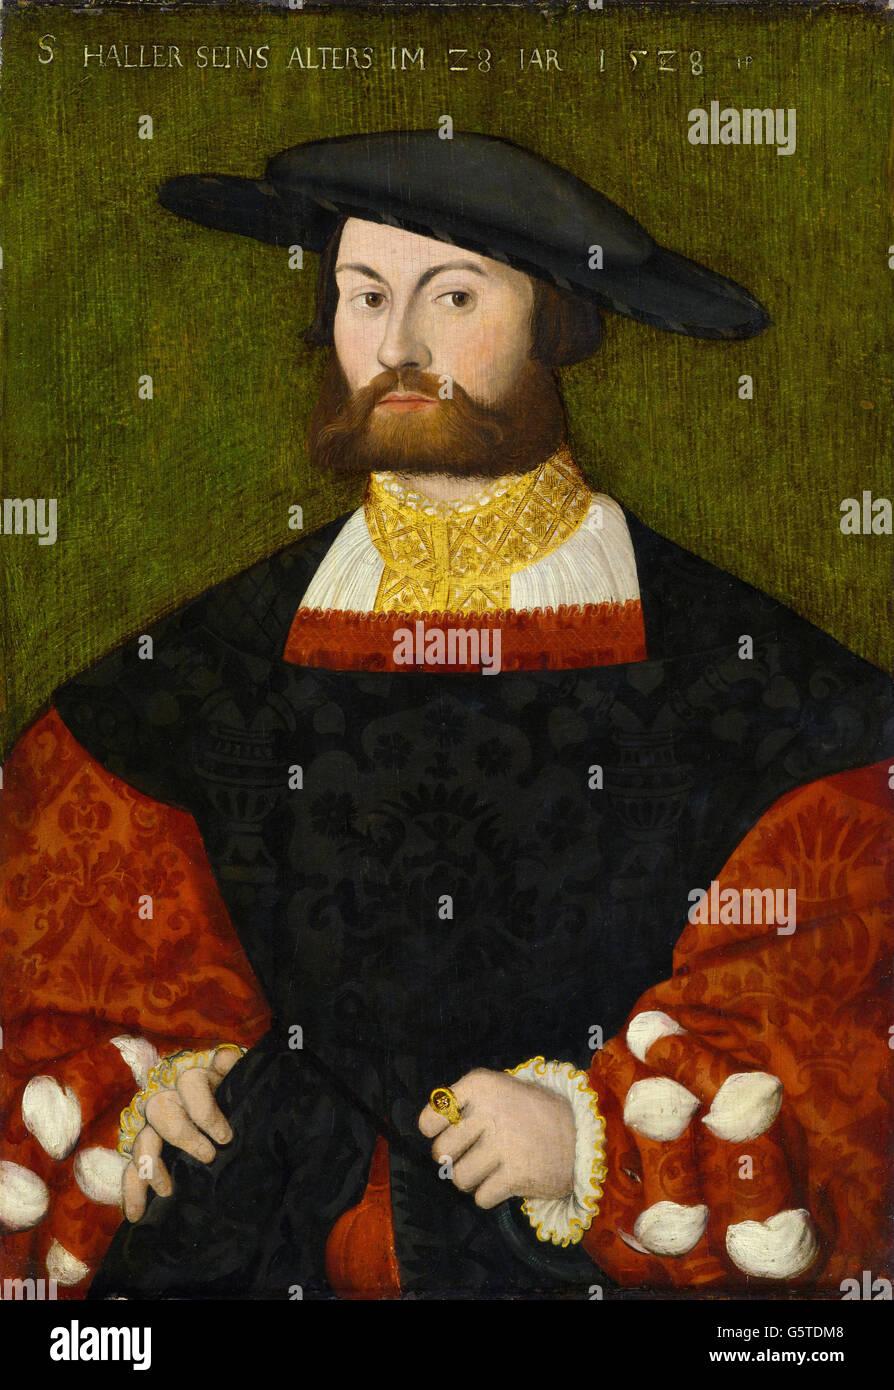 Hans Brosamer - Bildnis des Sebald Haller von Hallerstein (1528) Stockbild